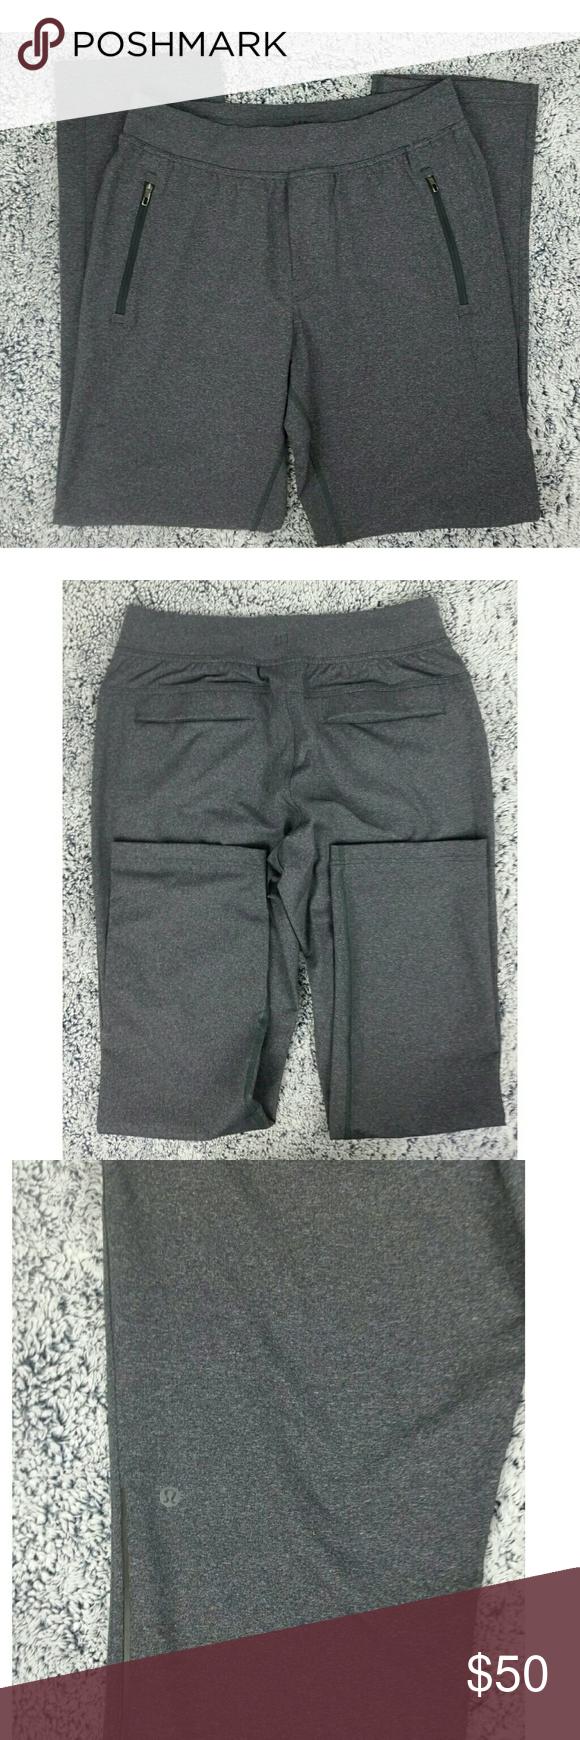 9e4f20c84 Men s Lululemon Discipline Pant Gray Large •Men s Lululemon Discipline Pant  •Size Large •Condition